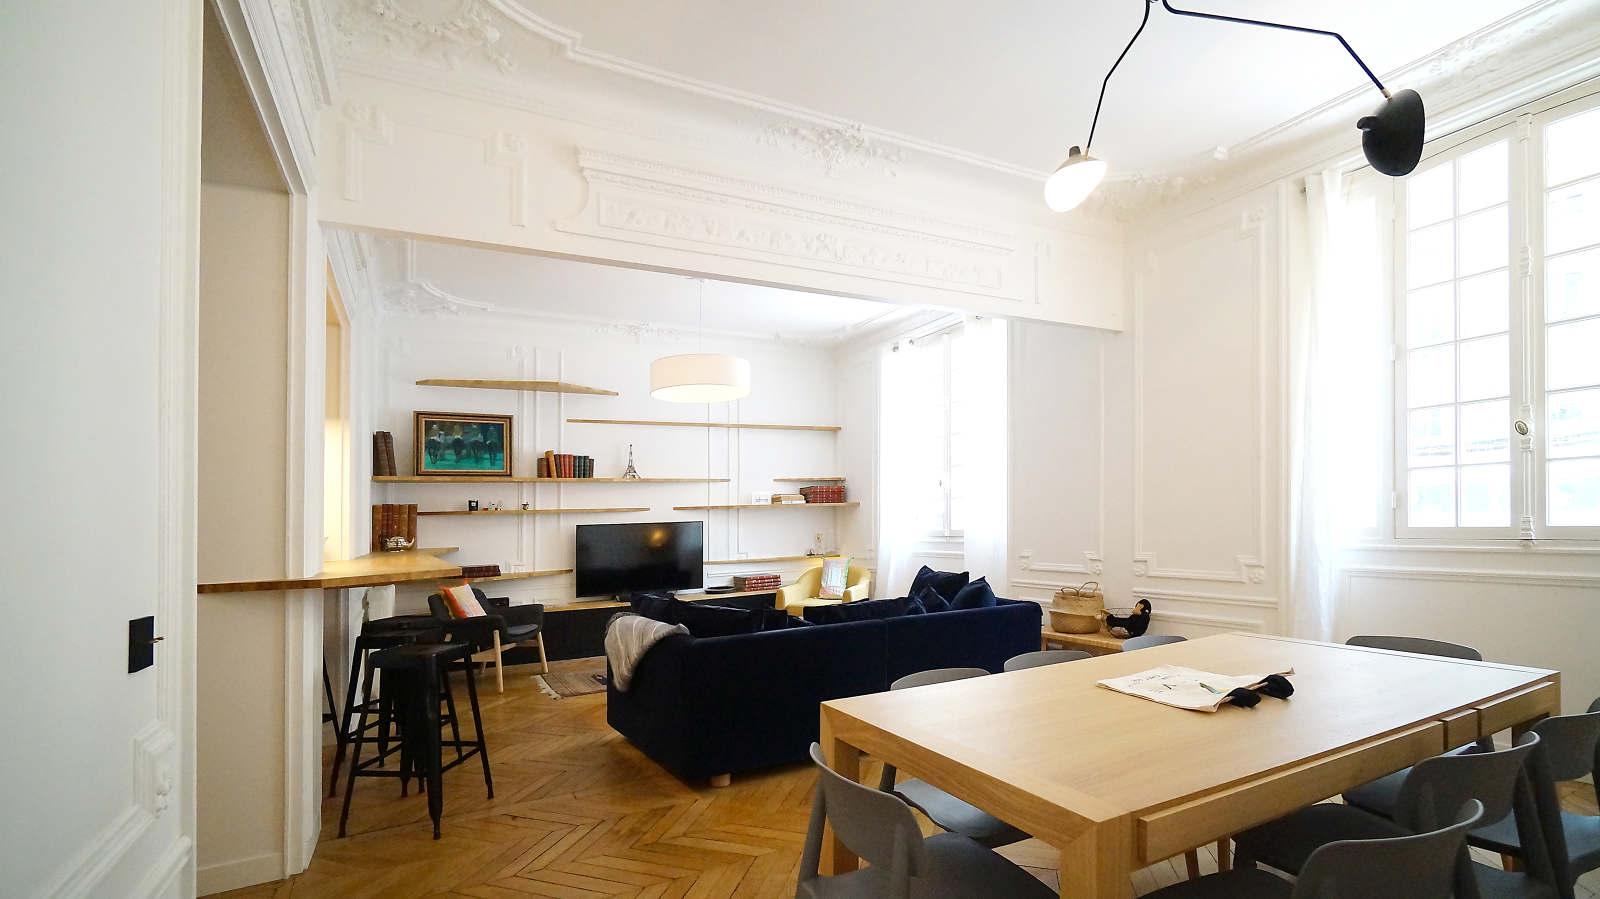 Architecte Interieur Paris 18 au pied de la tour - architecte paris 18ème - bardin